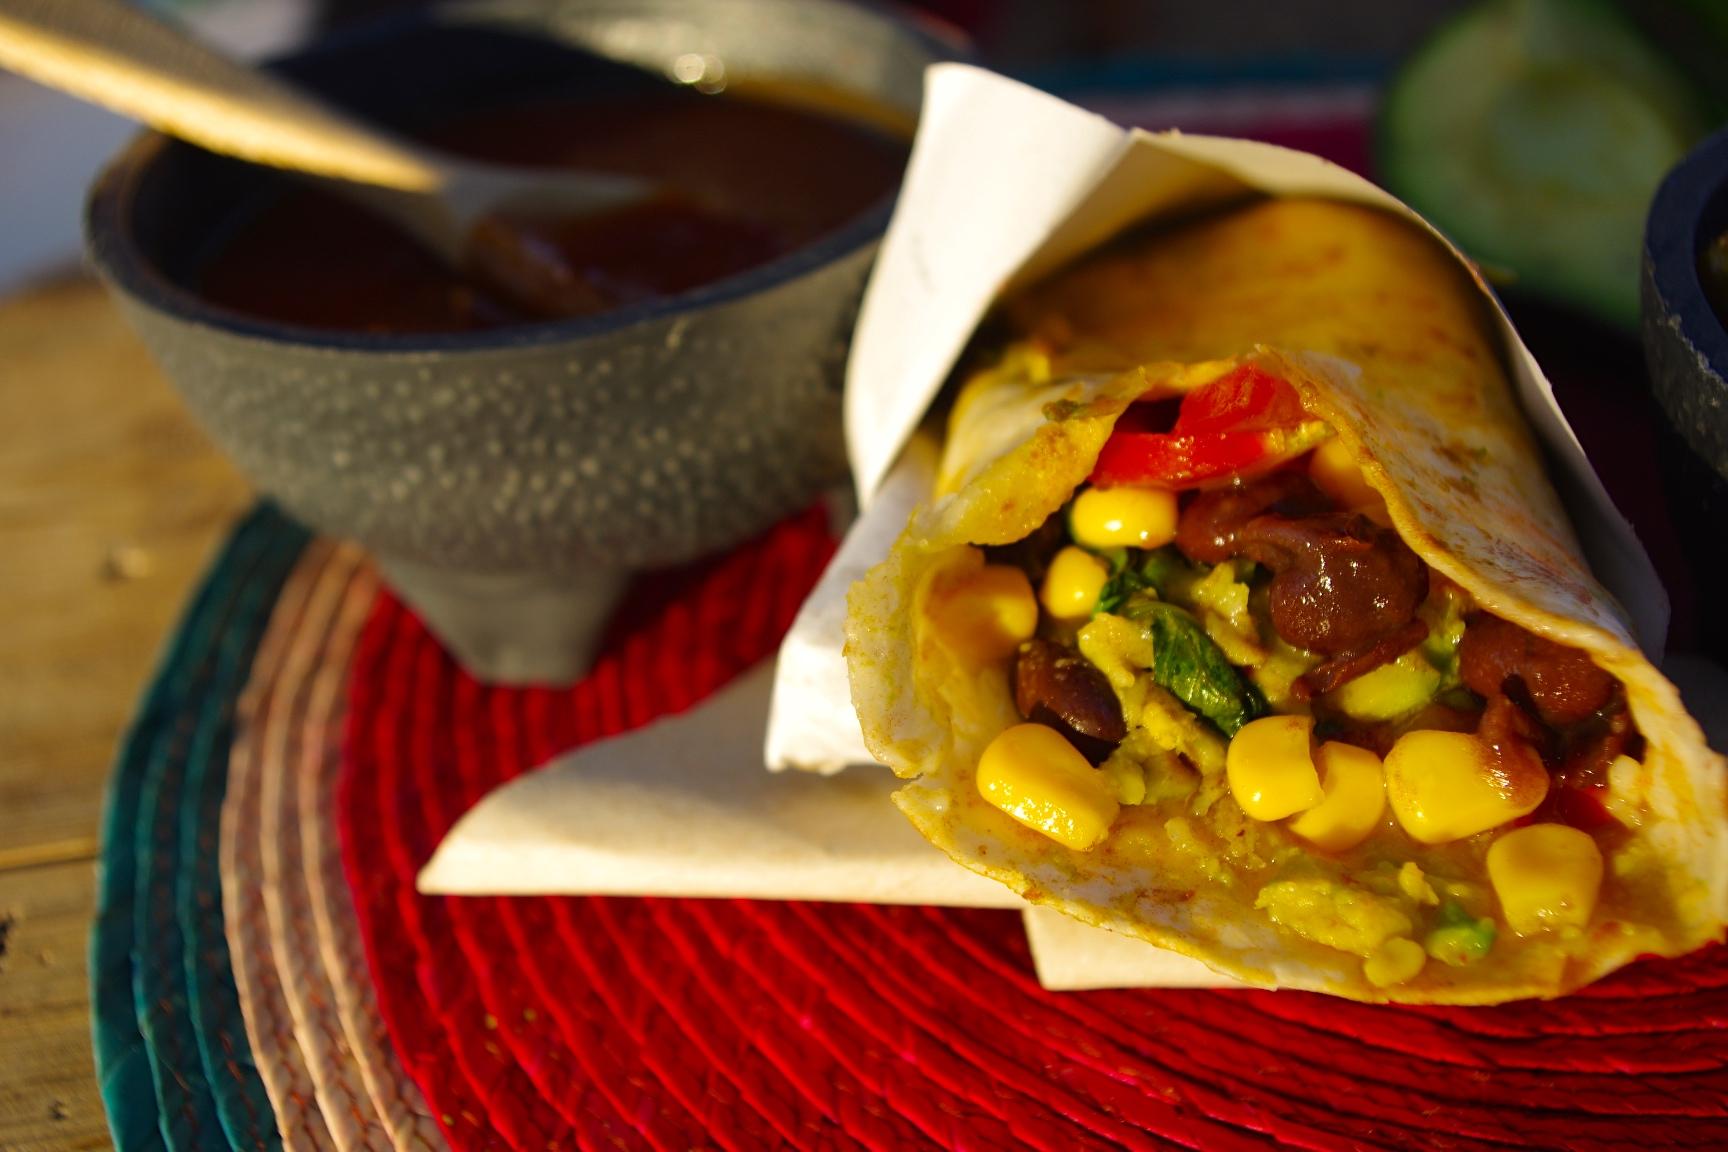 El street food trae un rincón donde descansar, comer bien y disfrutar en familia.